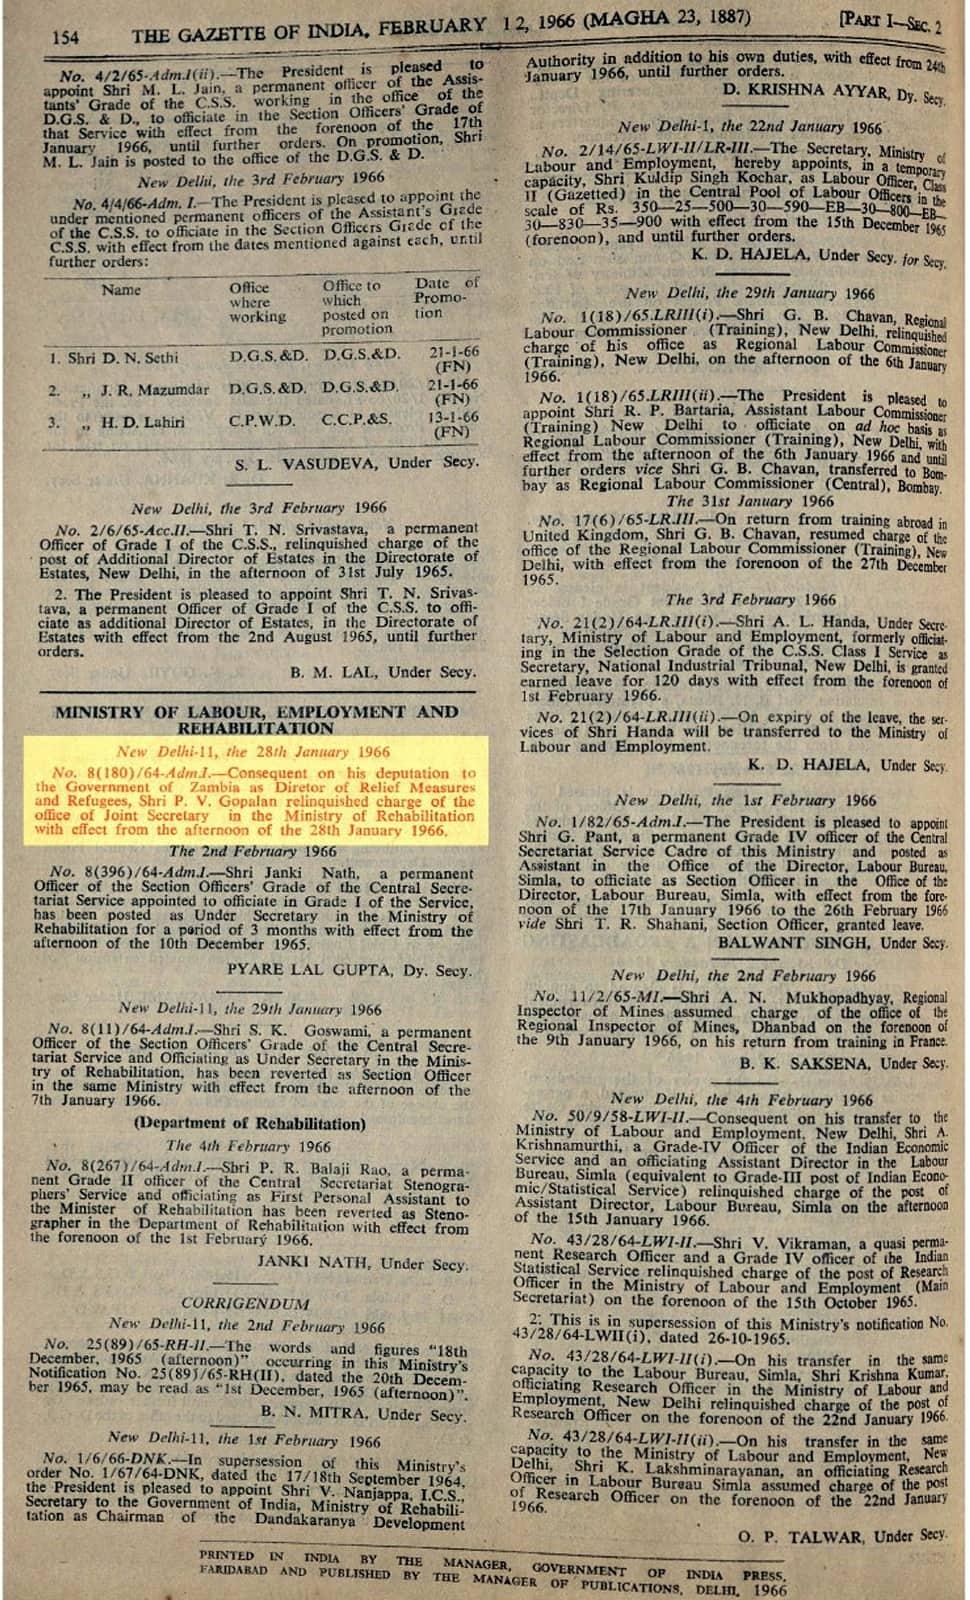 પી.વી ગોપાલન સંબંધિત નોટિફિકેશ